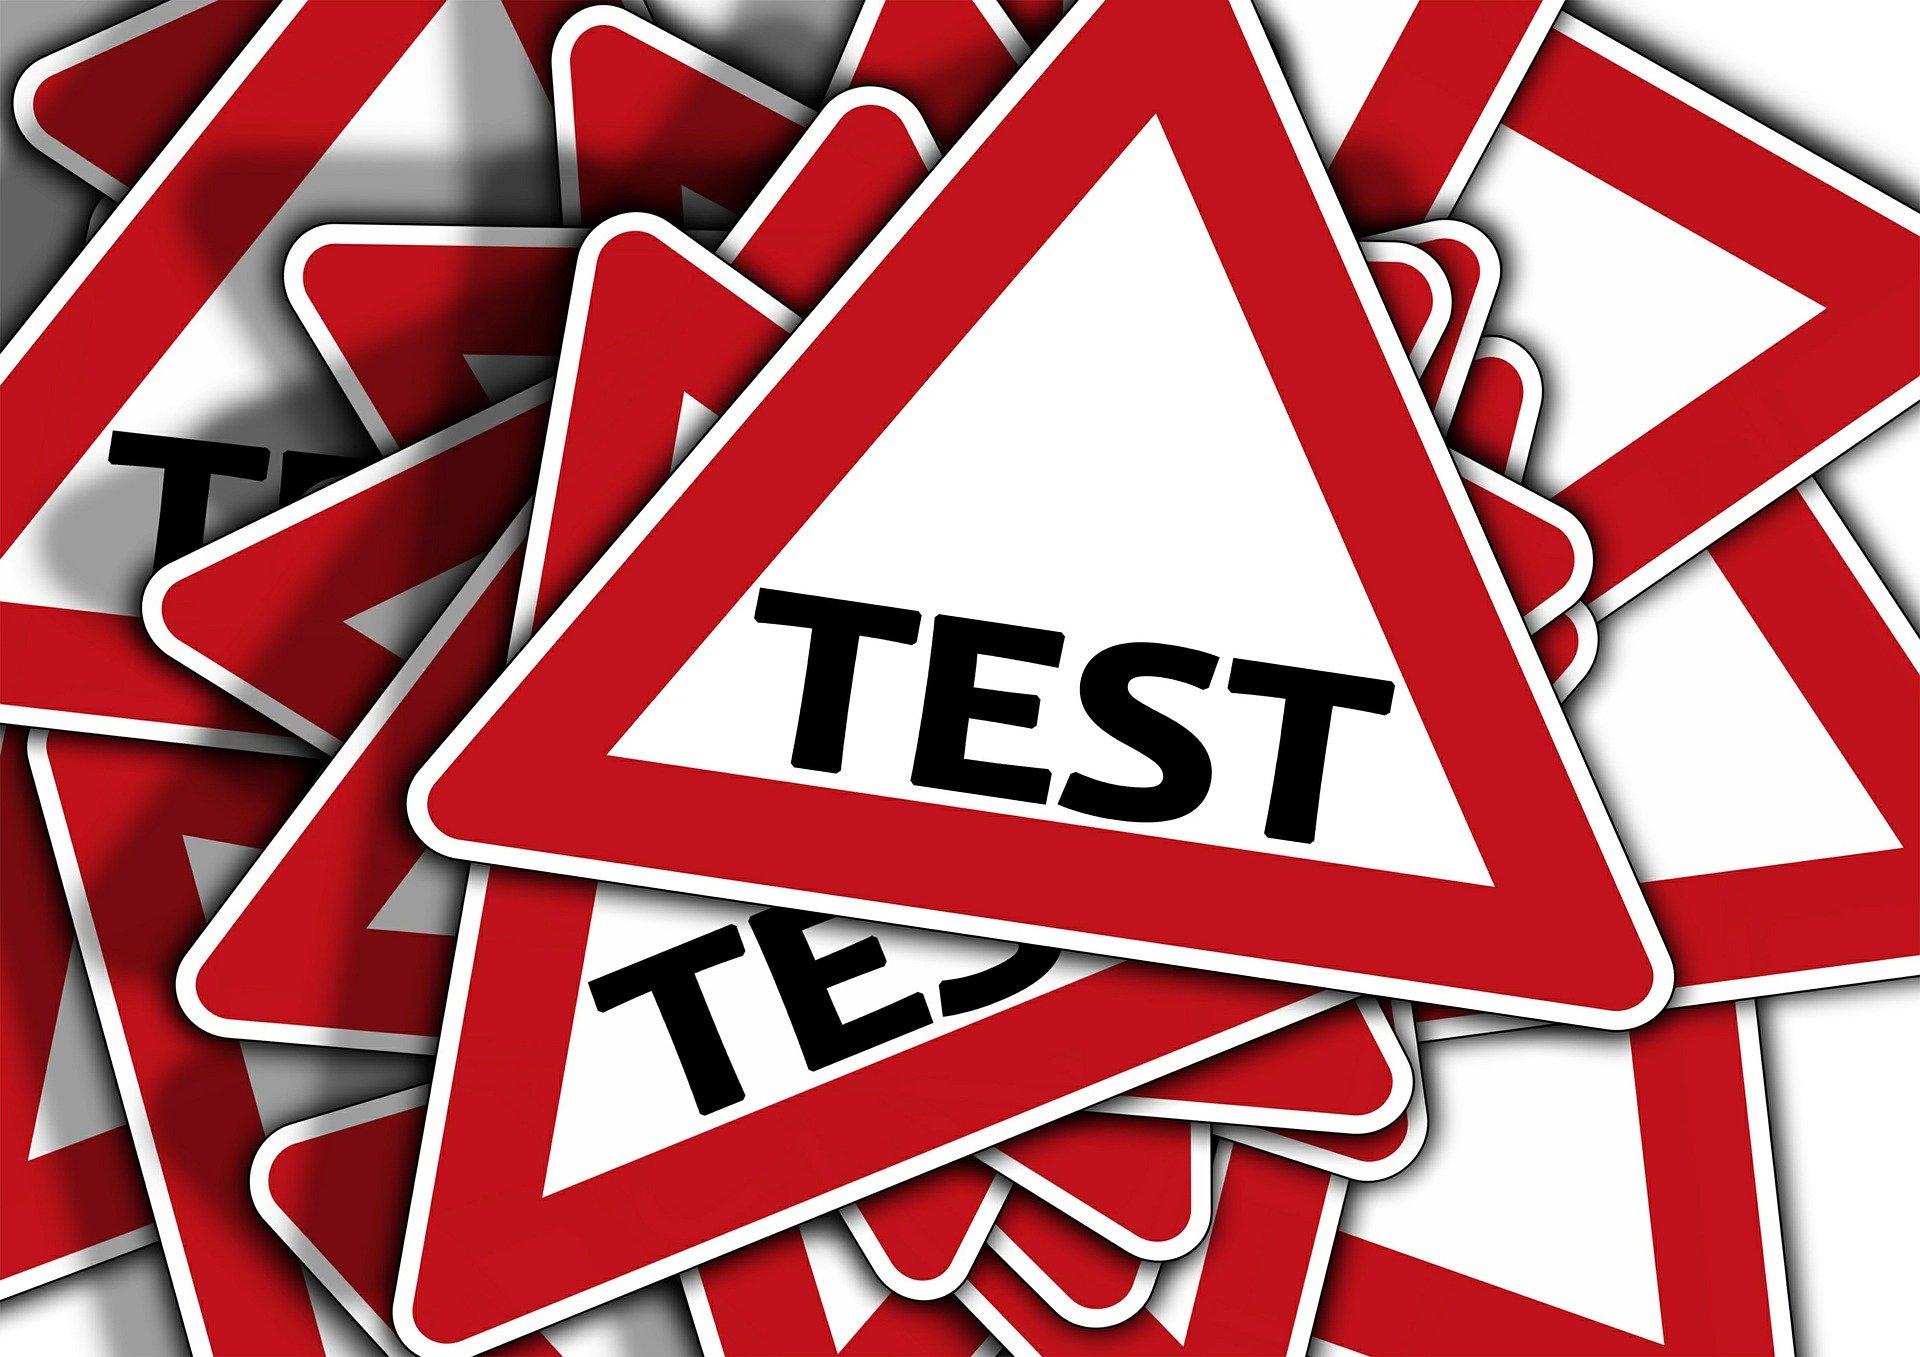 Immagine prova d'esame